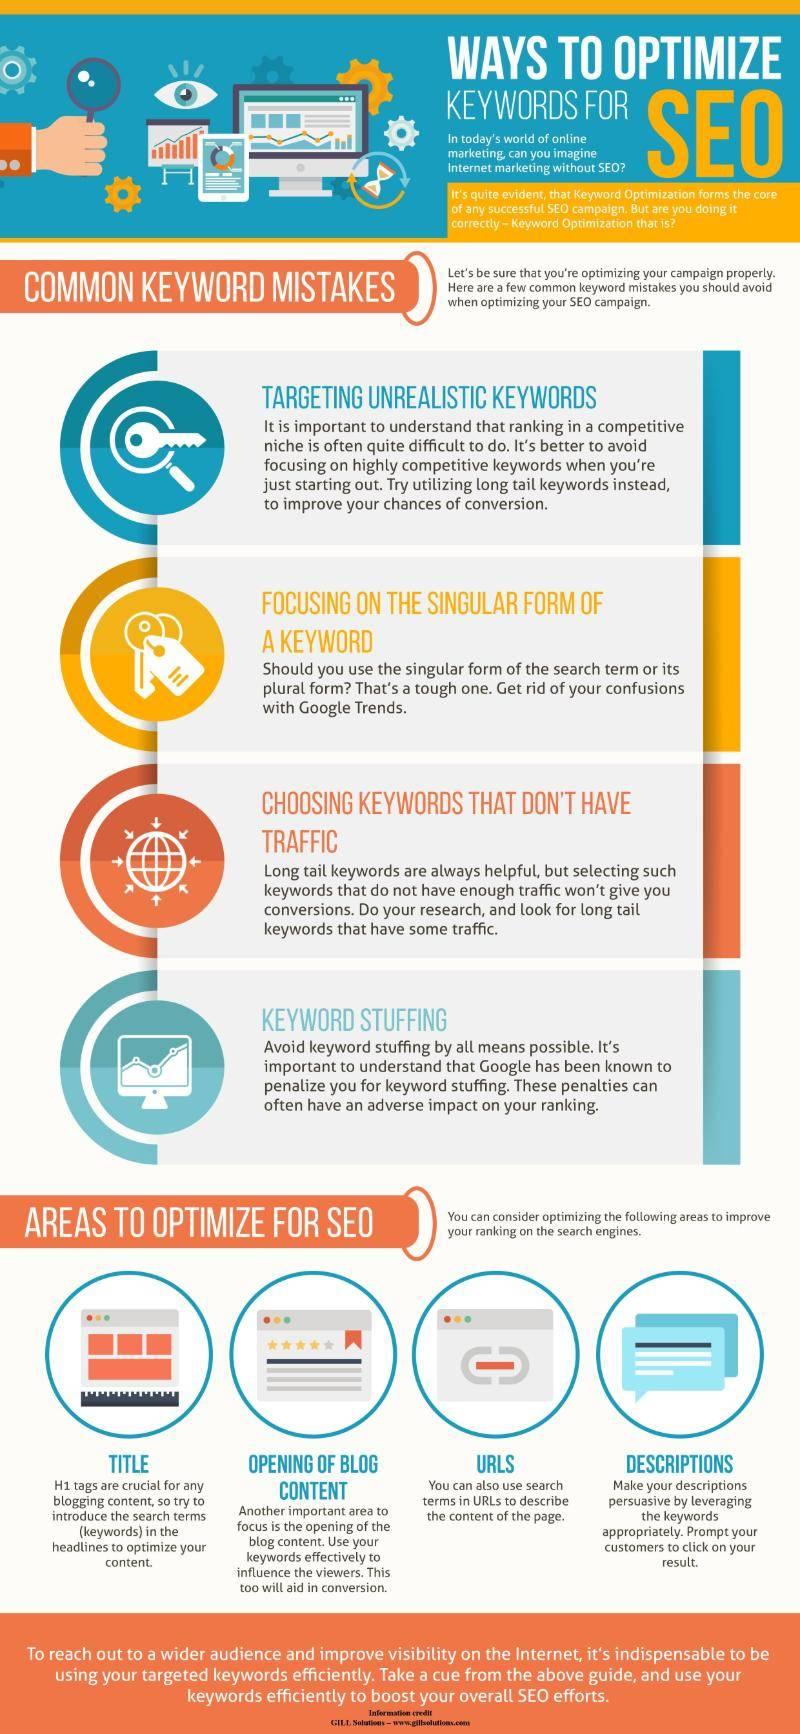 optimizacion SEO para palabras clave infografia (1)